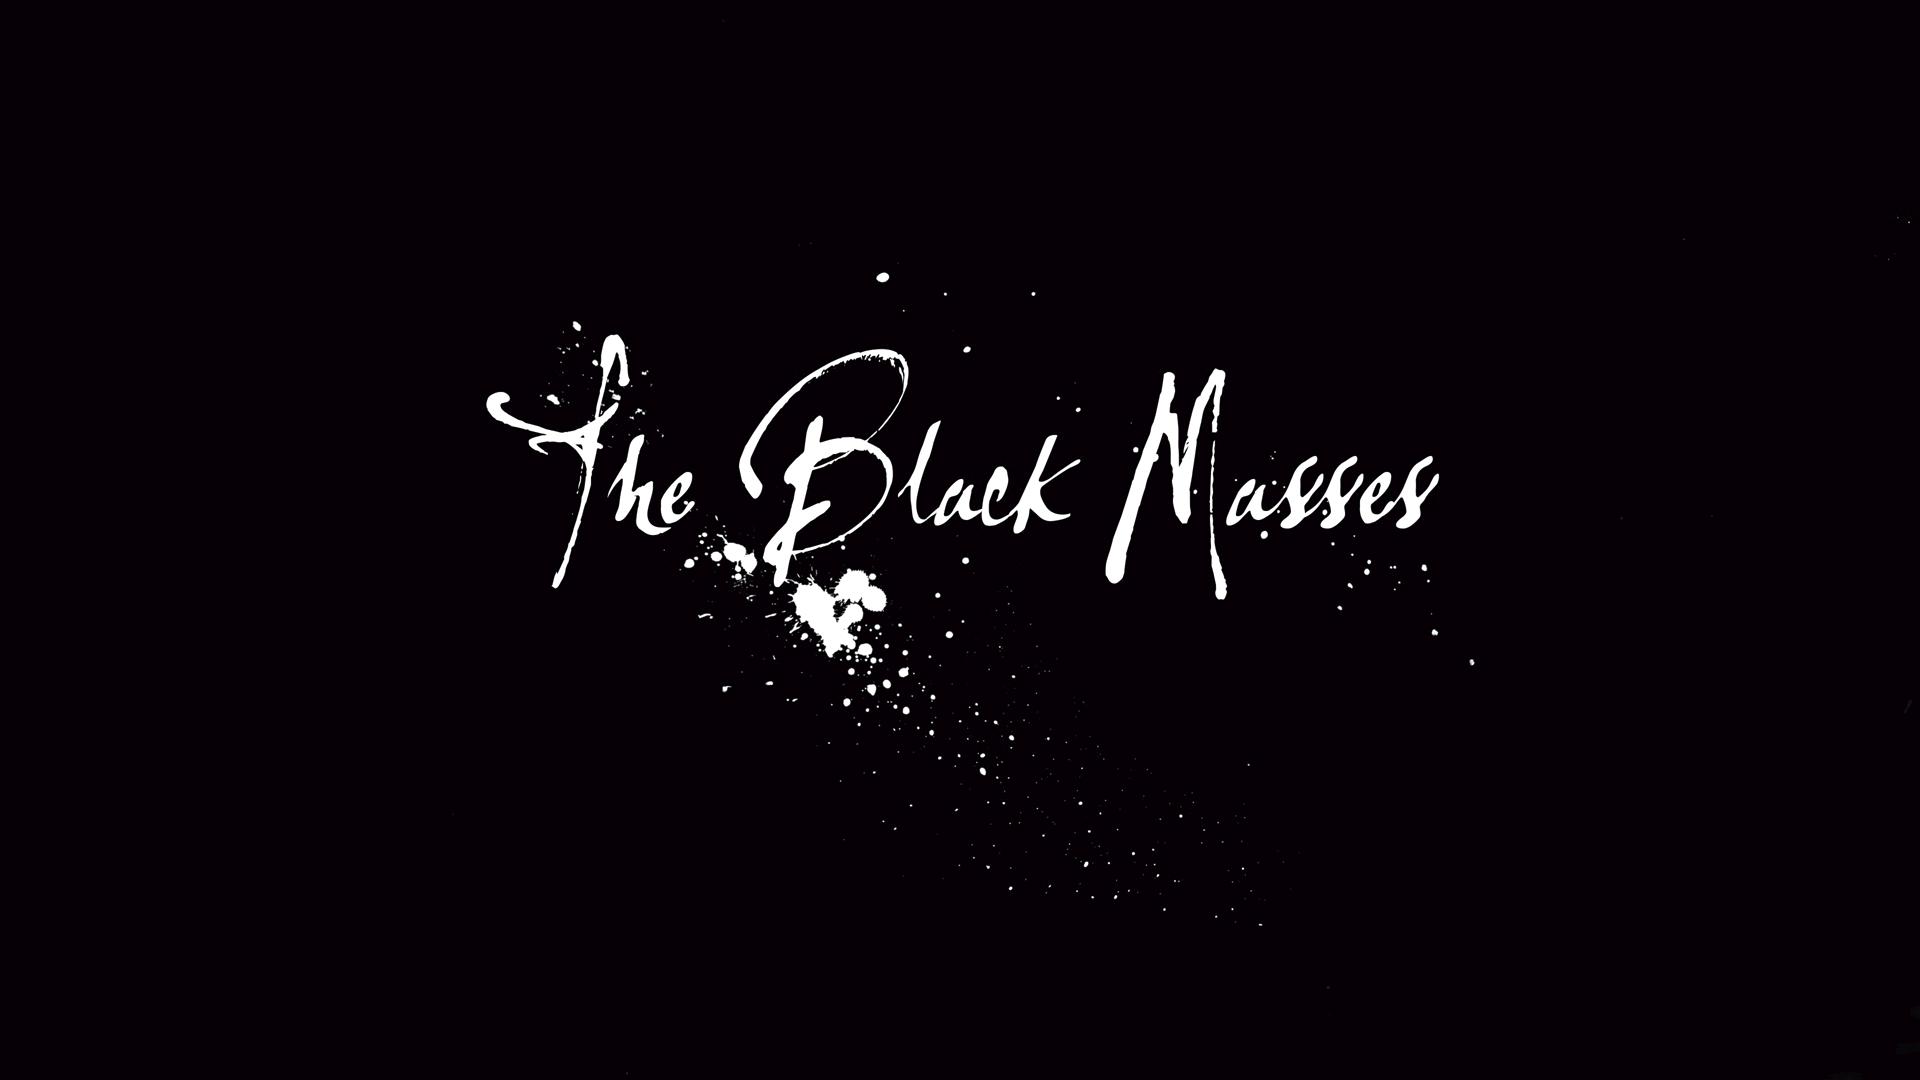 В новом трейлерe The Black Masses показали 6 тысяч зомби на одной локации и красивую графику в 60 FPS